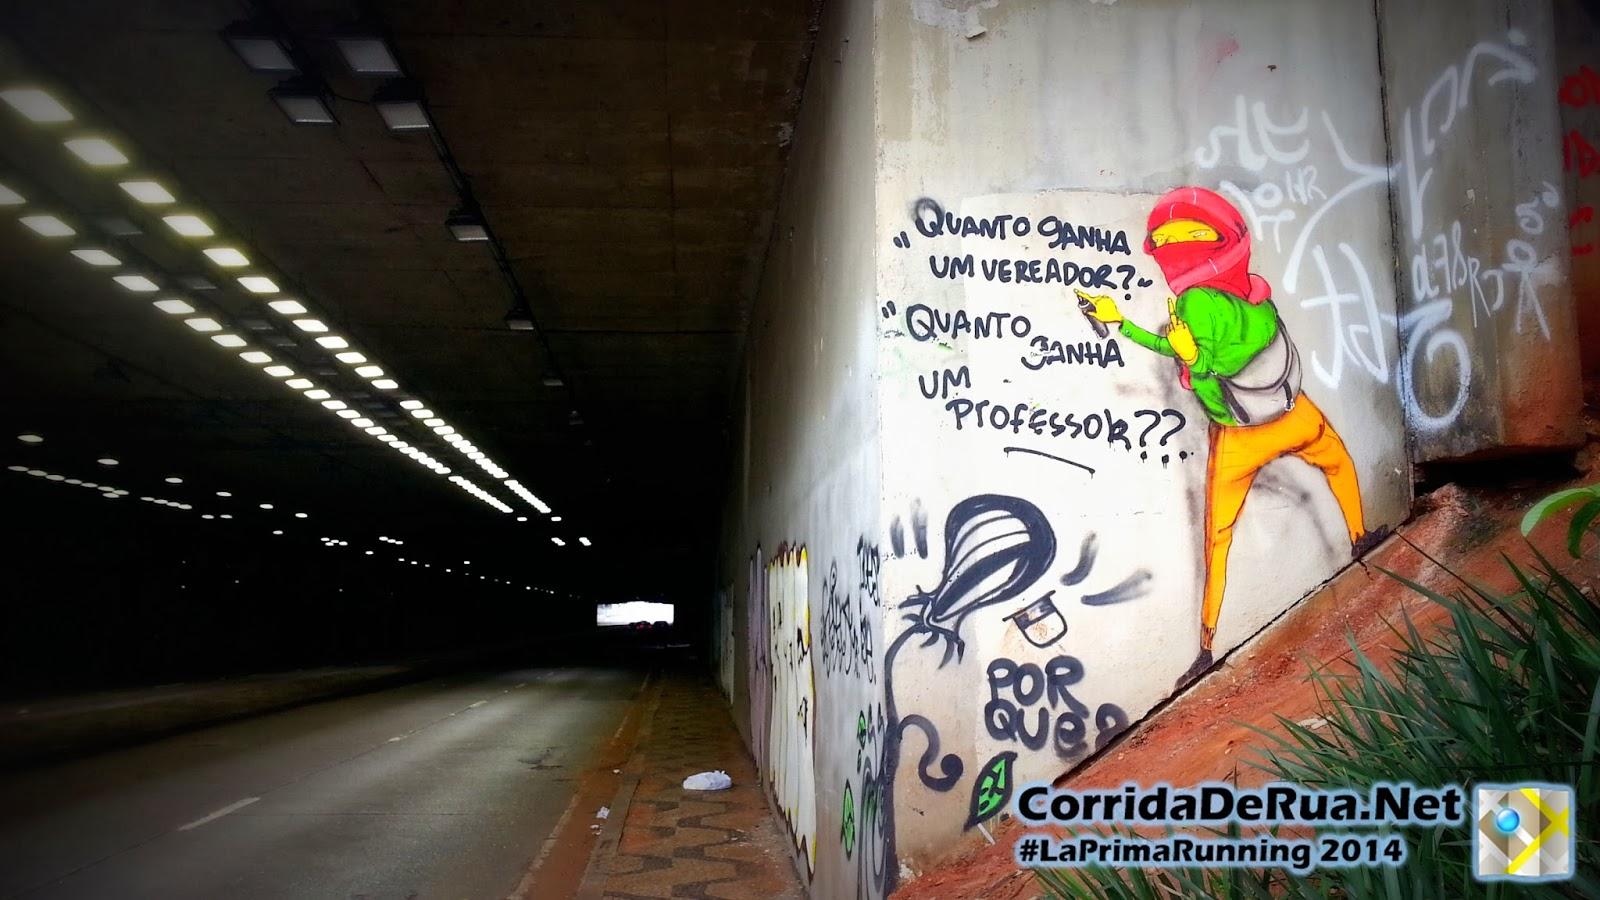 OsGemeos Corrida no túnel - Corrida De Rua